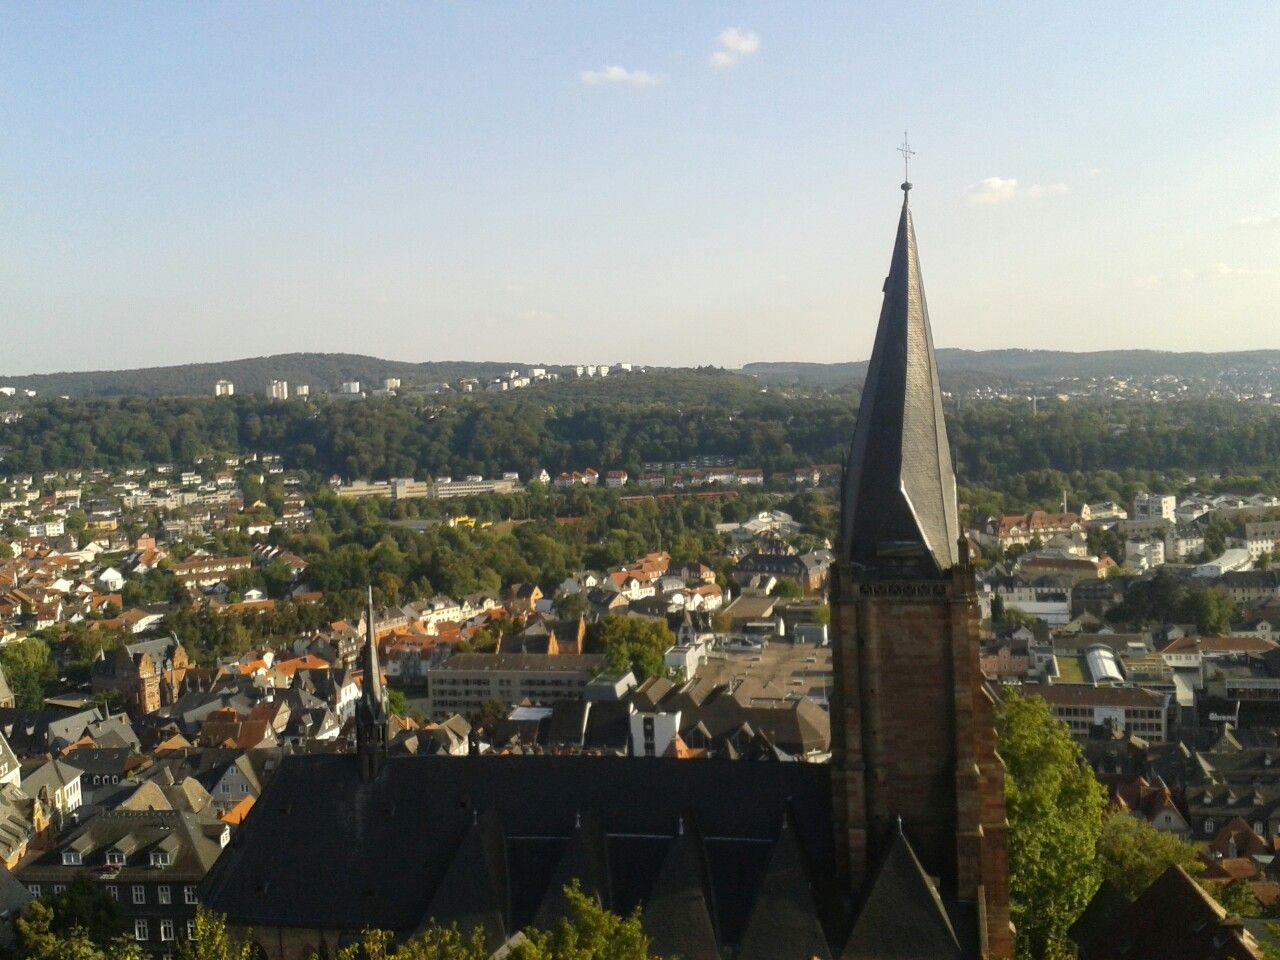 Aussicht vom Marburger Schloss  #hessentourismus #hugenottenwaldenserpfad #culturalroutes #hessenexpedition